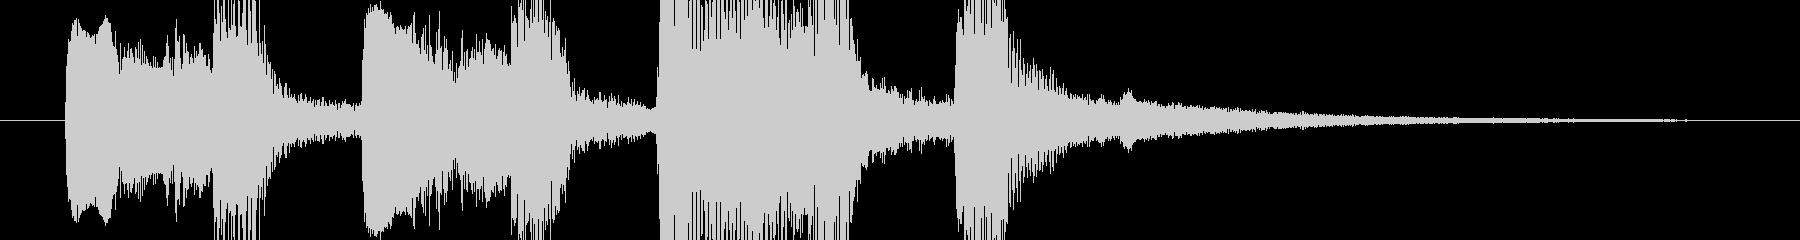 【ジングル】木管ほのぼのかわいい系の未再生の波形